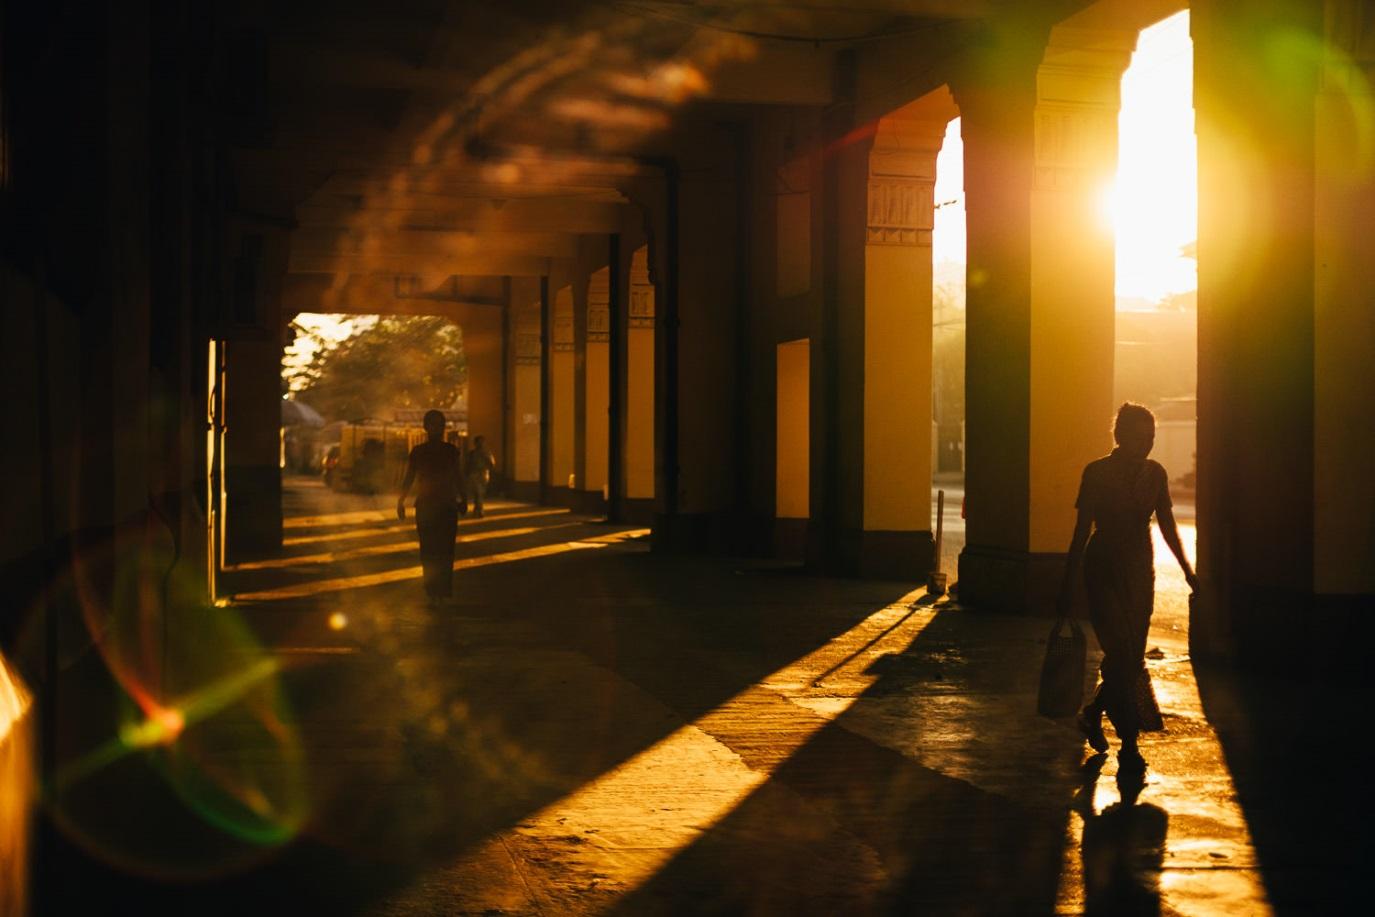 وظیفه اصلی نورسنج در دوربین عکاسی، بررسی نور ورودی به لنز و روشنایی صحنه است